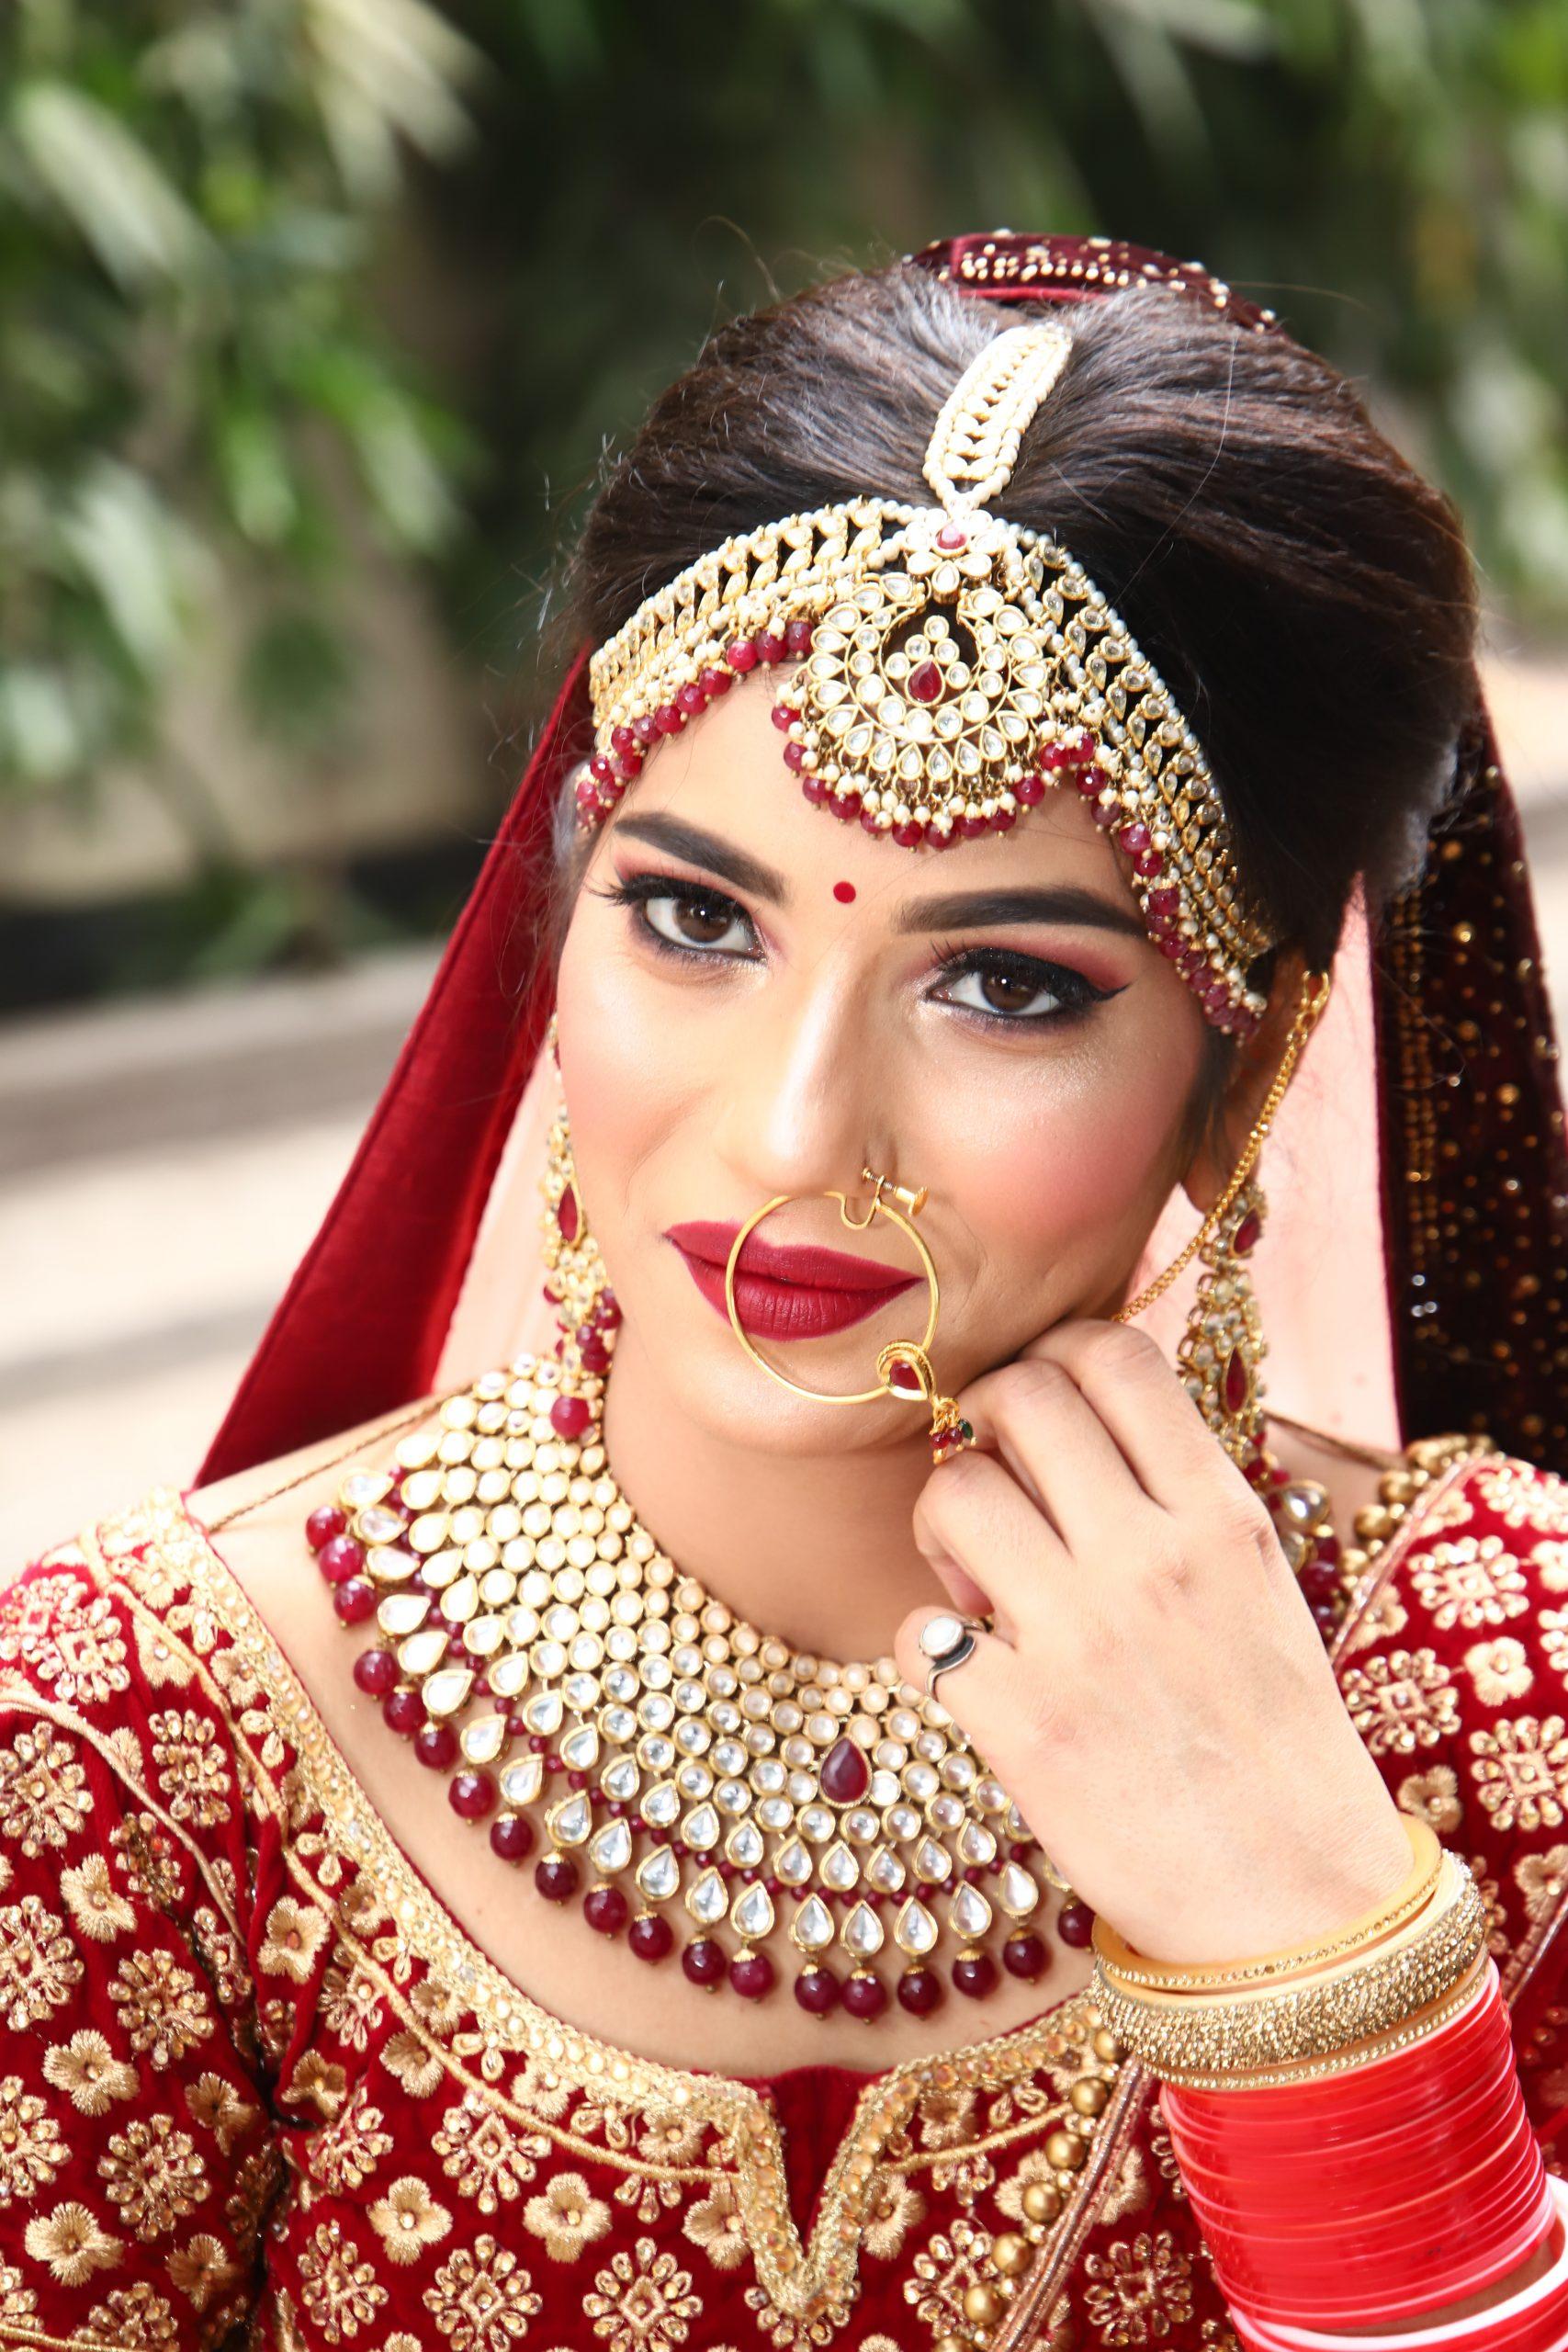 Reeta Khatri